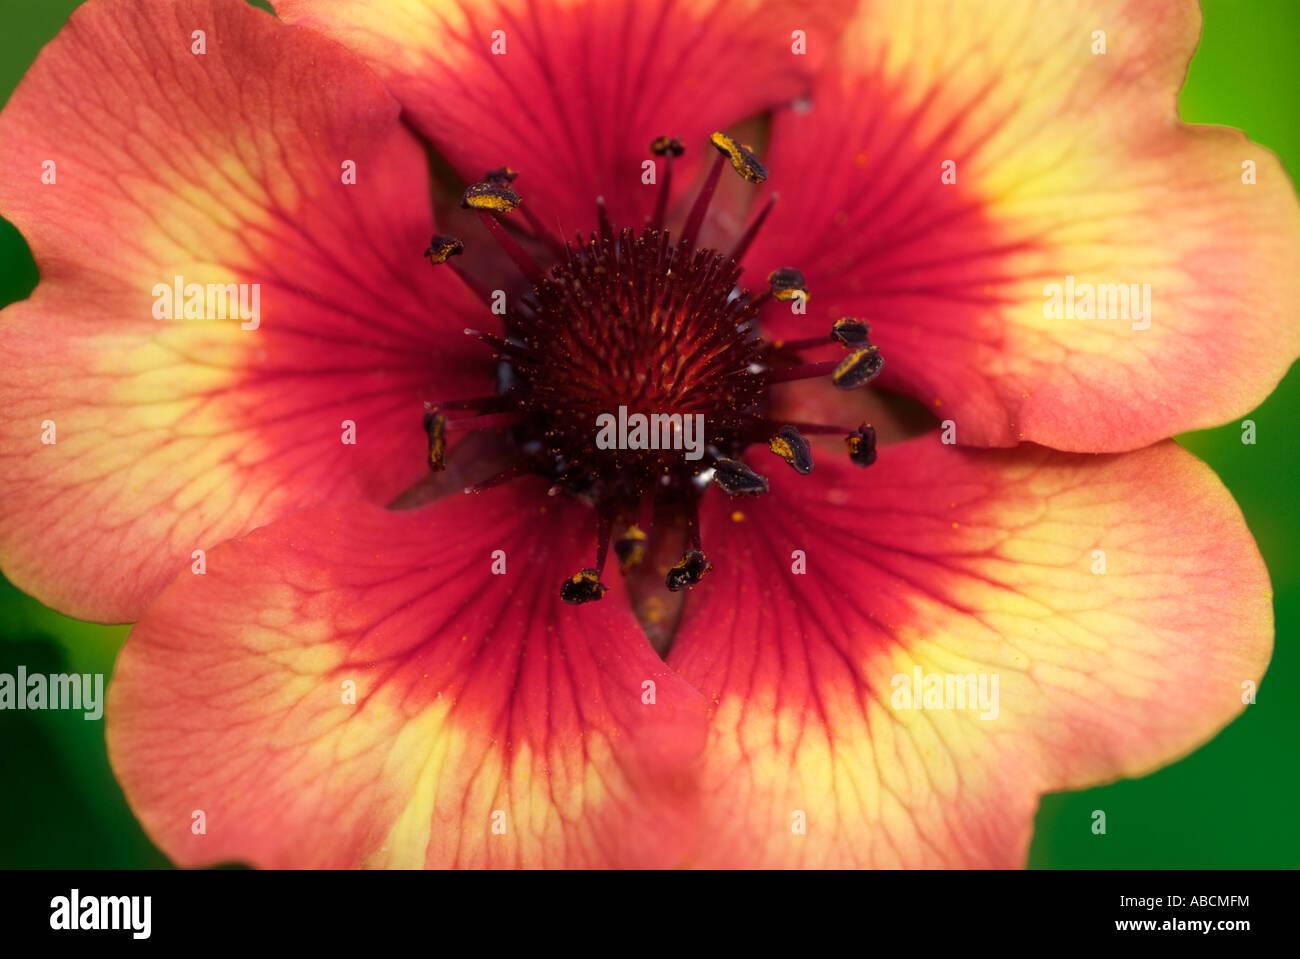 Geum Frau Bradshaw Blüte winterharte mehrjährige Makro Nahaufnahme Nahaufnahme Detail Blütenblätter Flowerhead Garten UK England britische Britai Stockfoto